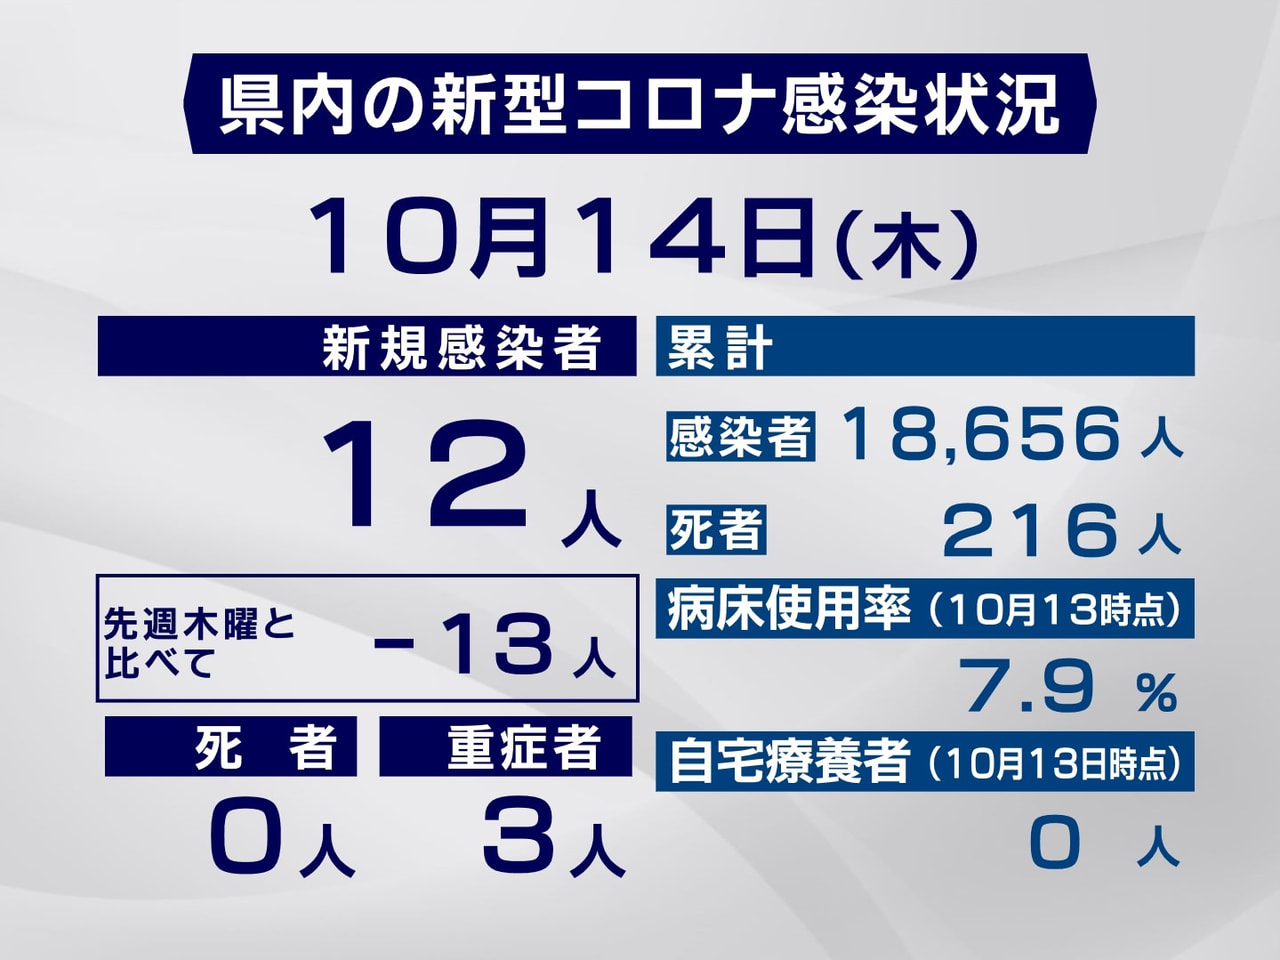 岐阜県は14日、新型コロナウイルスの感染者が新たに12人確認されたと発表しました...